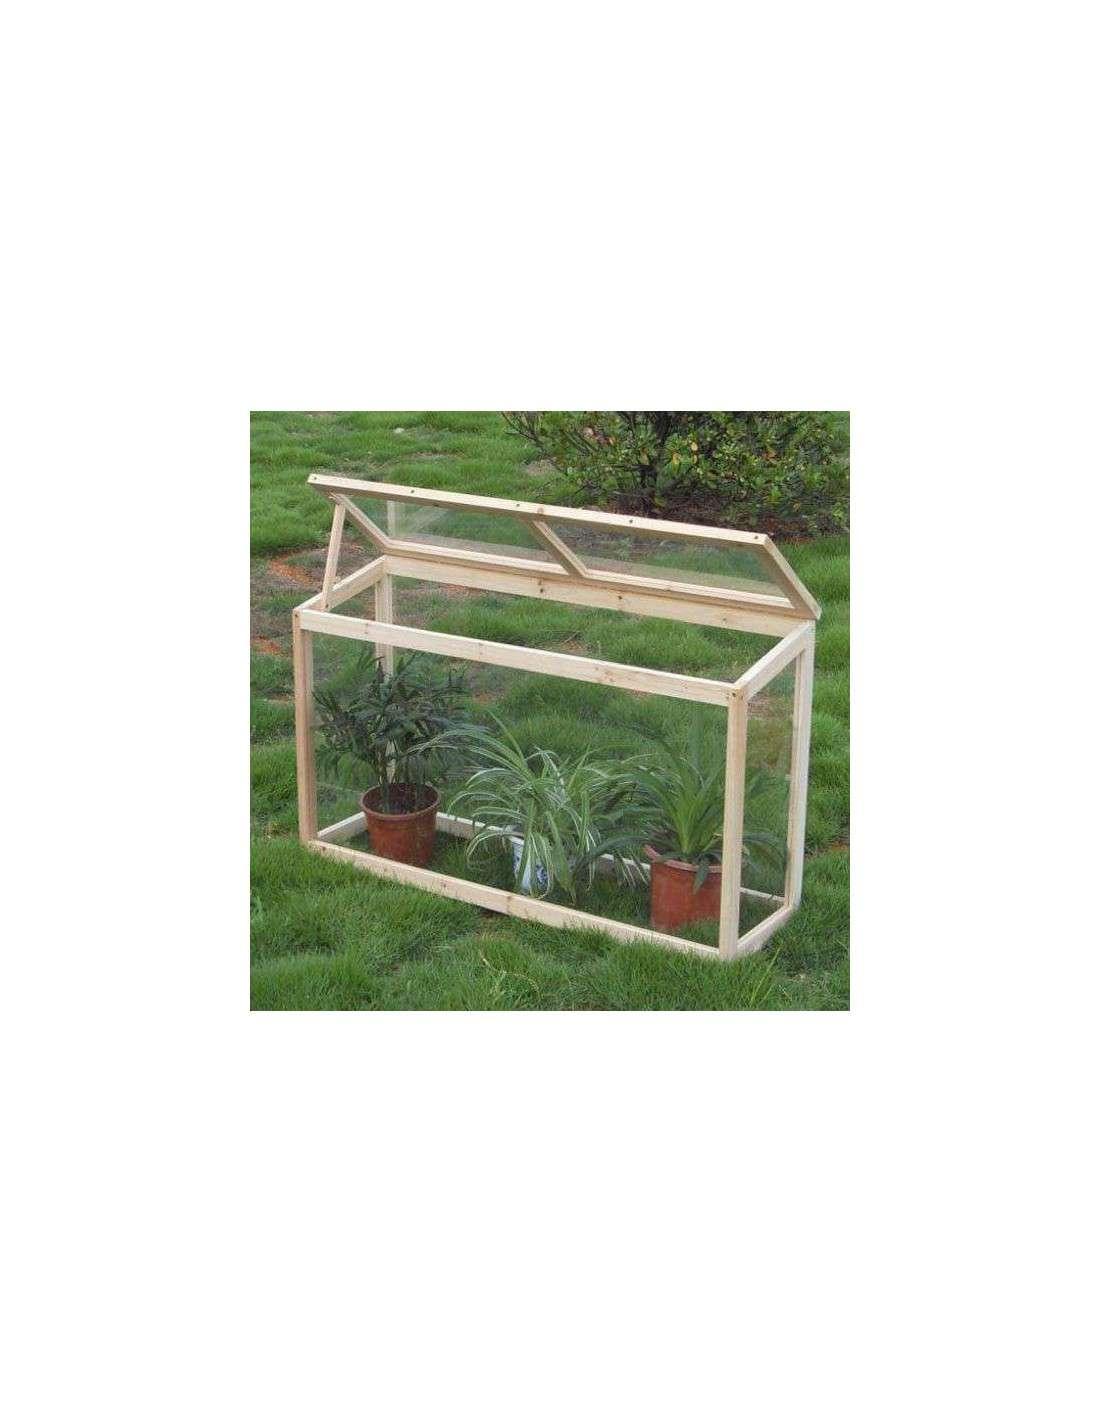 Invernadero de madera para huerto y jard n de 60x30x100cm for Bordillos de plastico para jardin